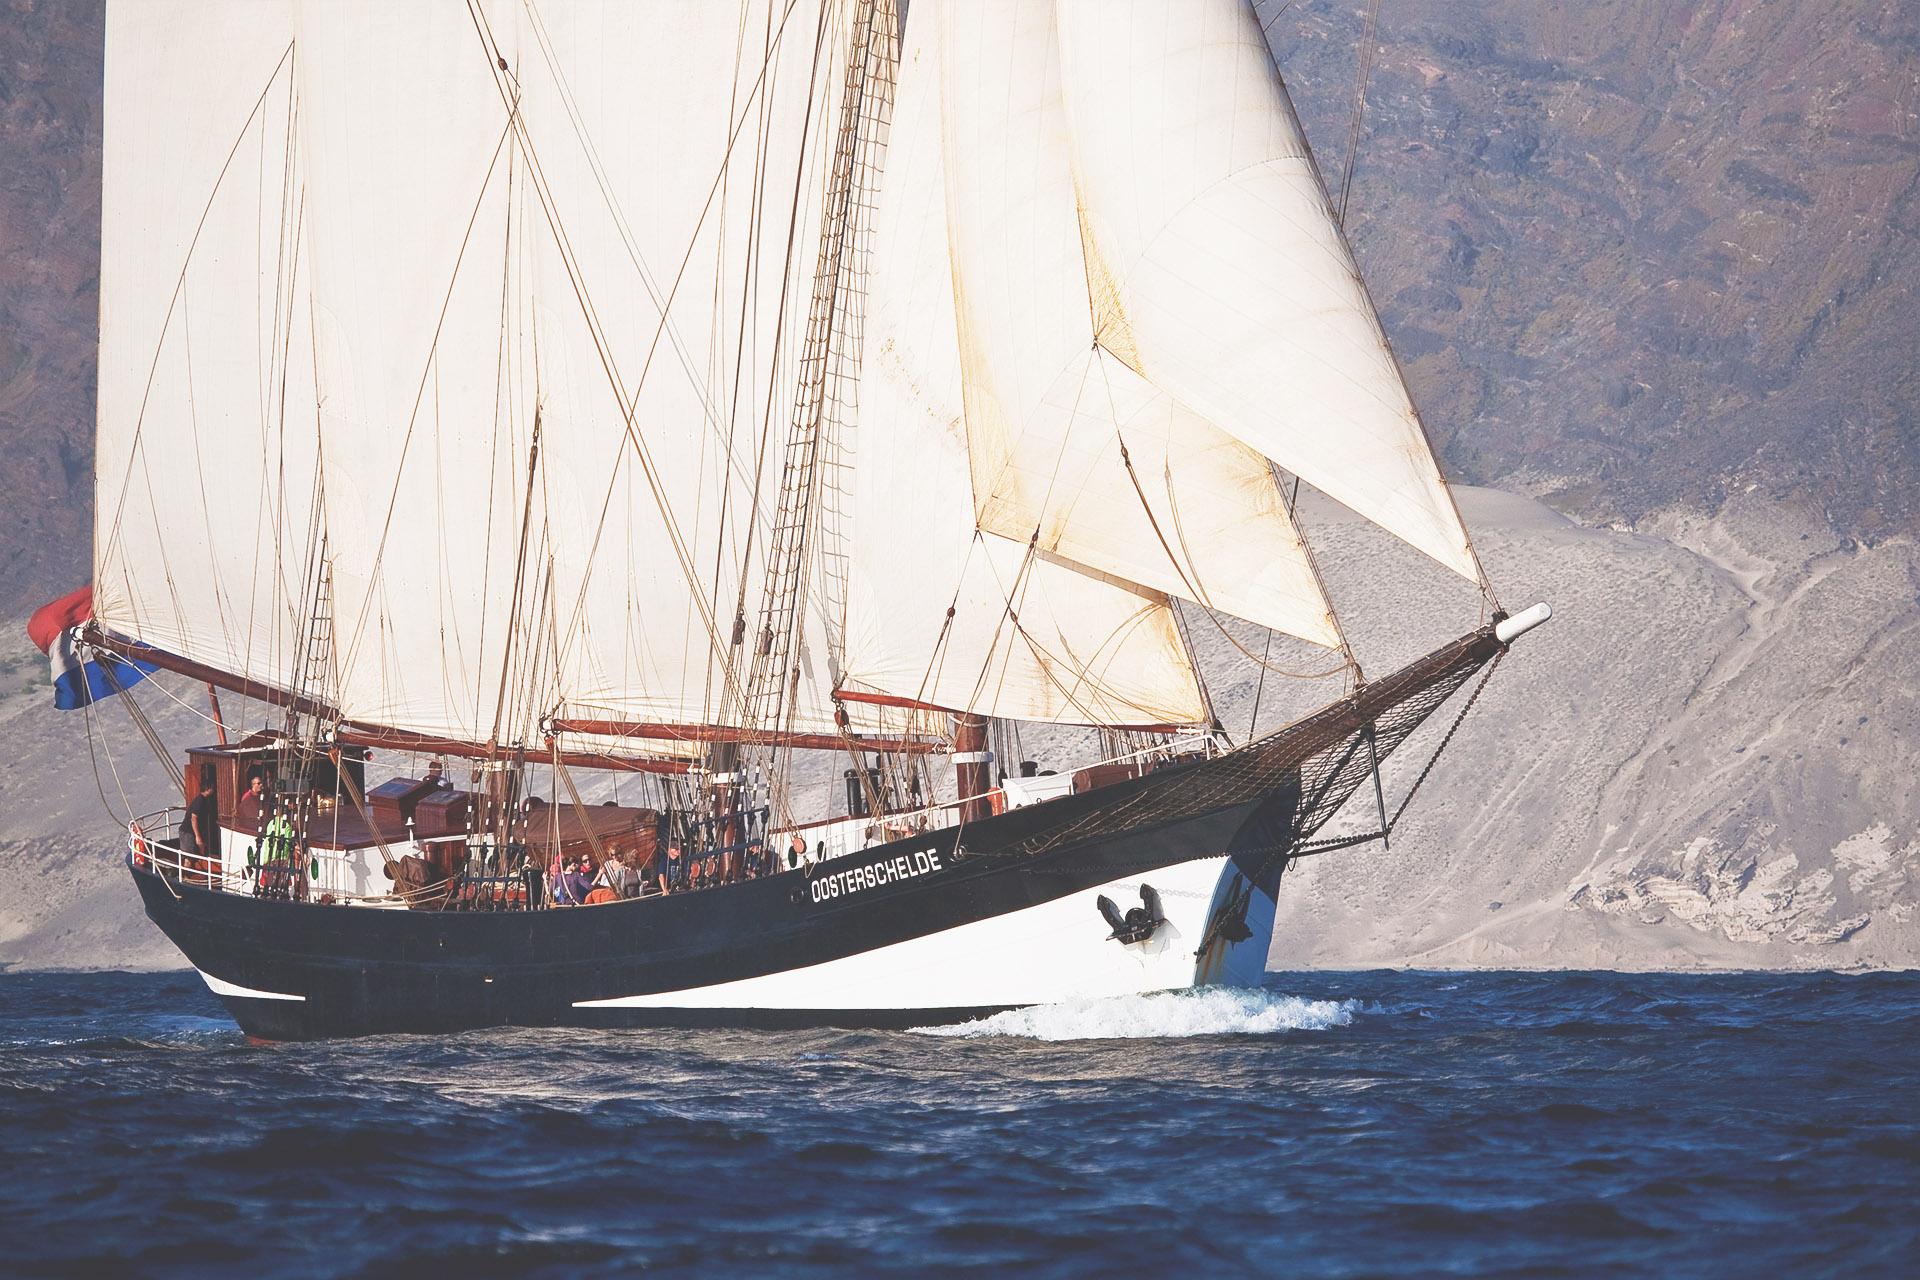 Oosterschelde sailing close-up